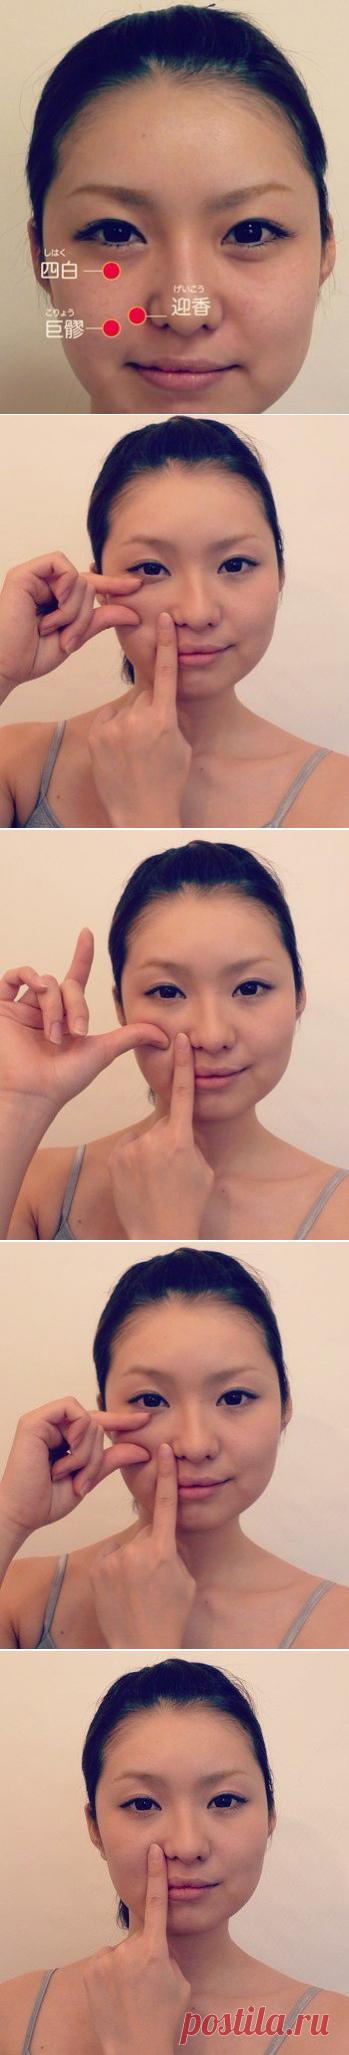 Lifting the facial massage raising cheeks